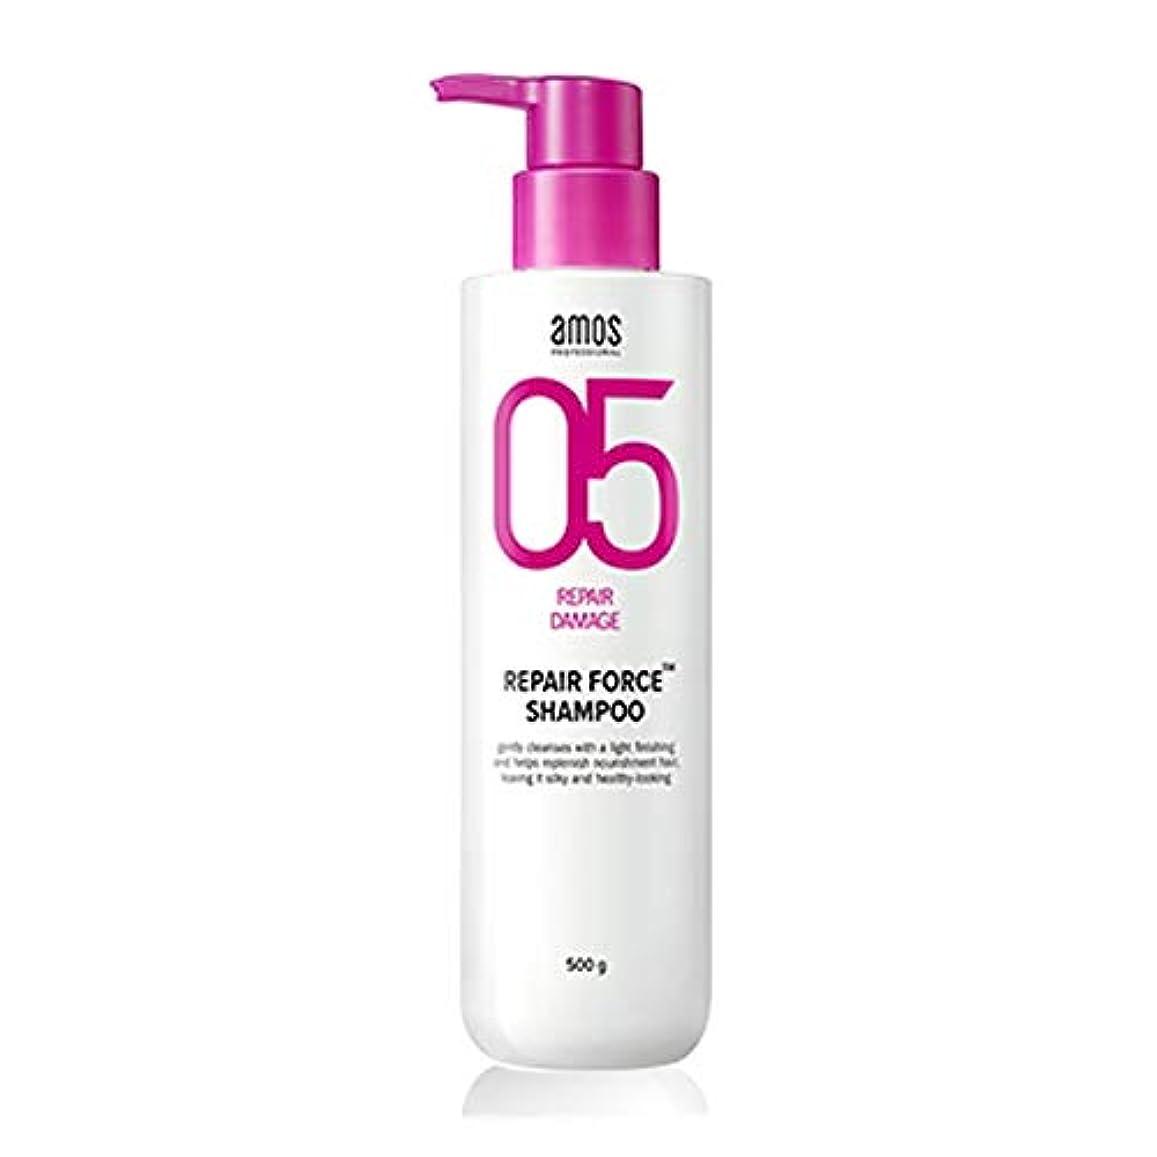 中傷赤干し草韓国 AMOS リペアフォースシャンプー 500g オルガンオイル, 破損毛髪強化/Repair Force Shampoo